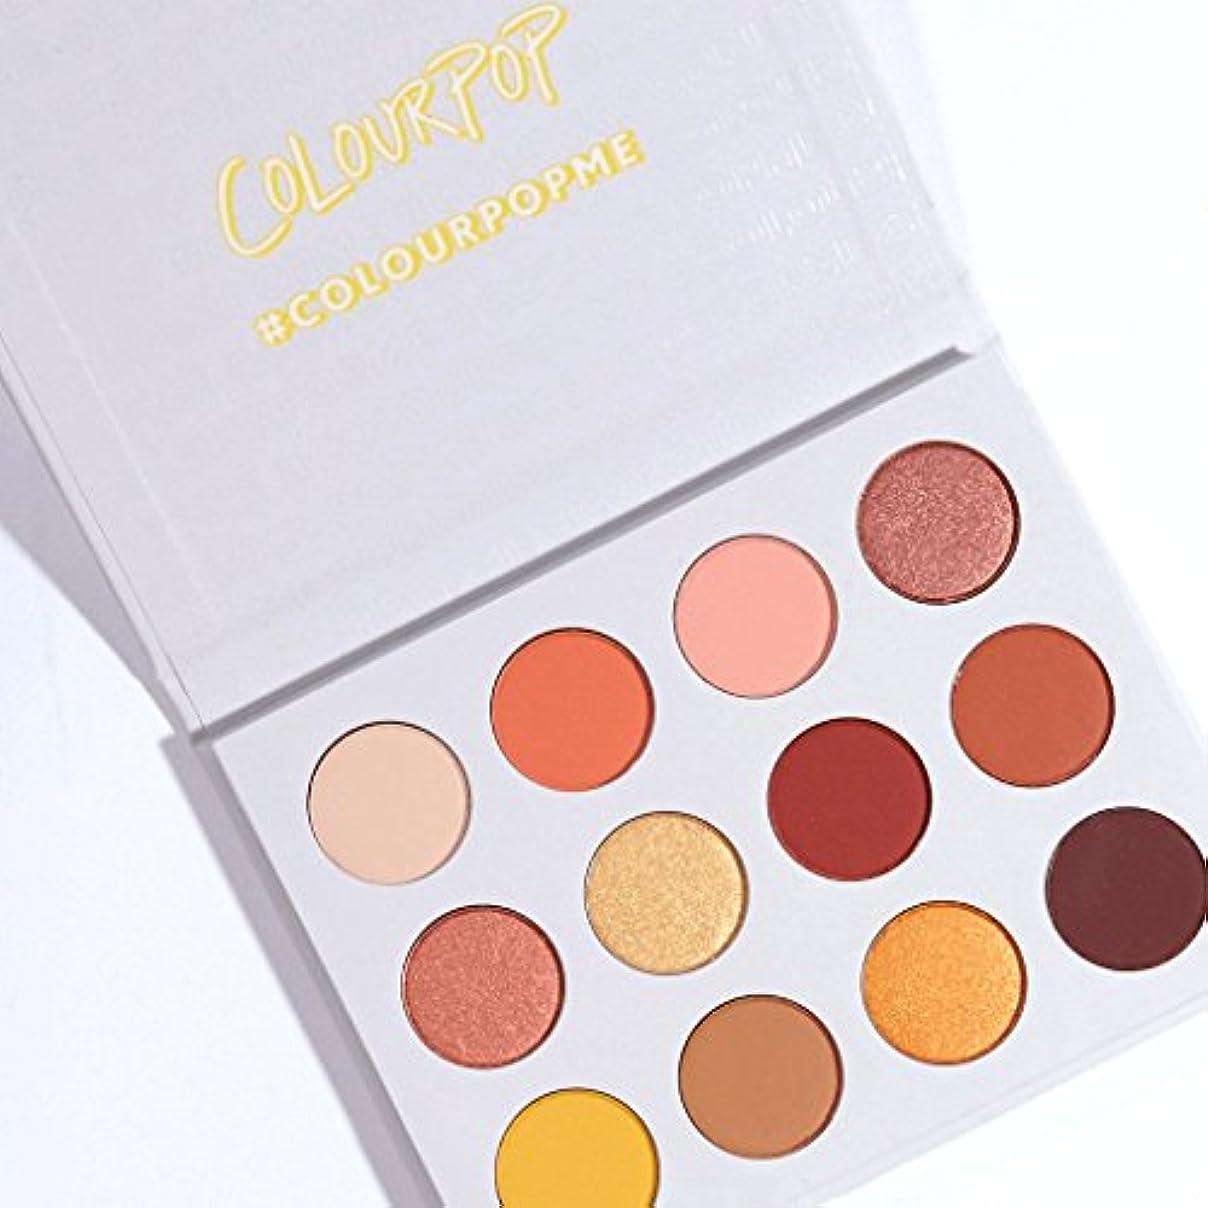 め言葉胴体スライムColourPop - Pressed Powder Shadow Palette - Yes, Please!